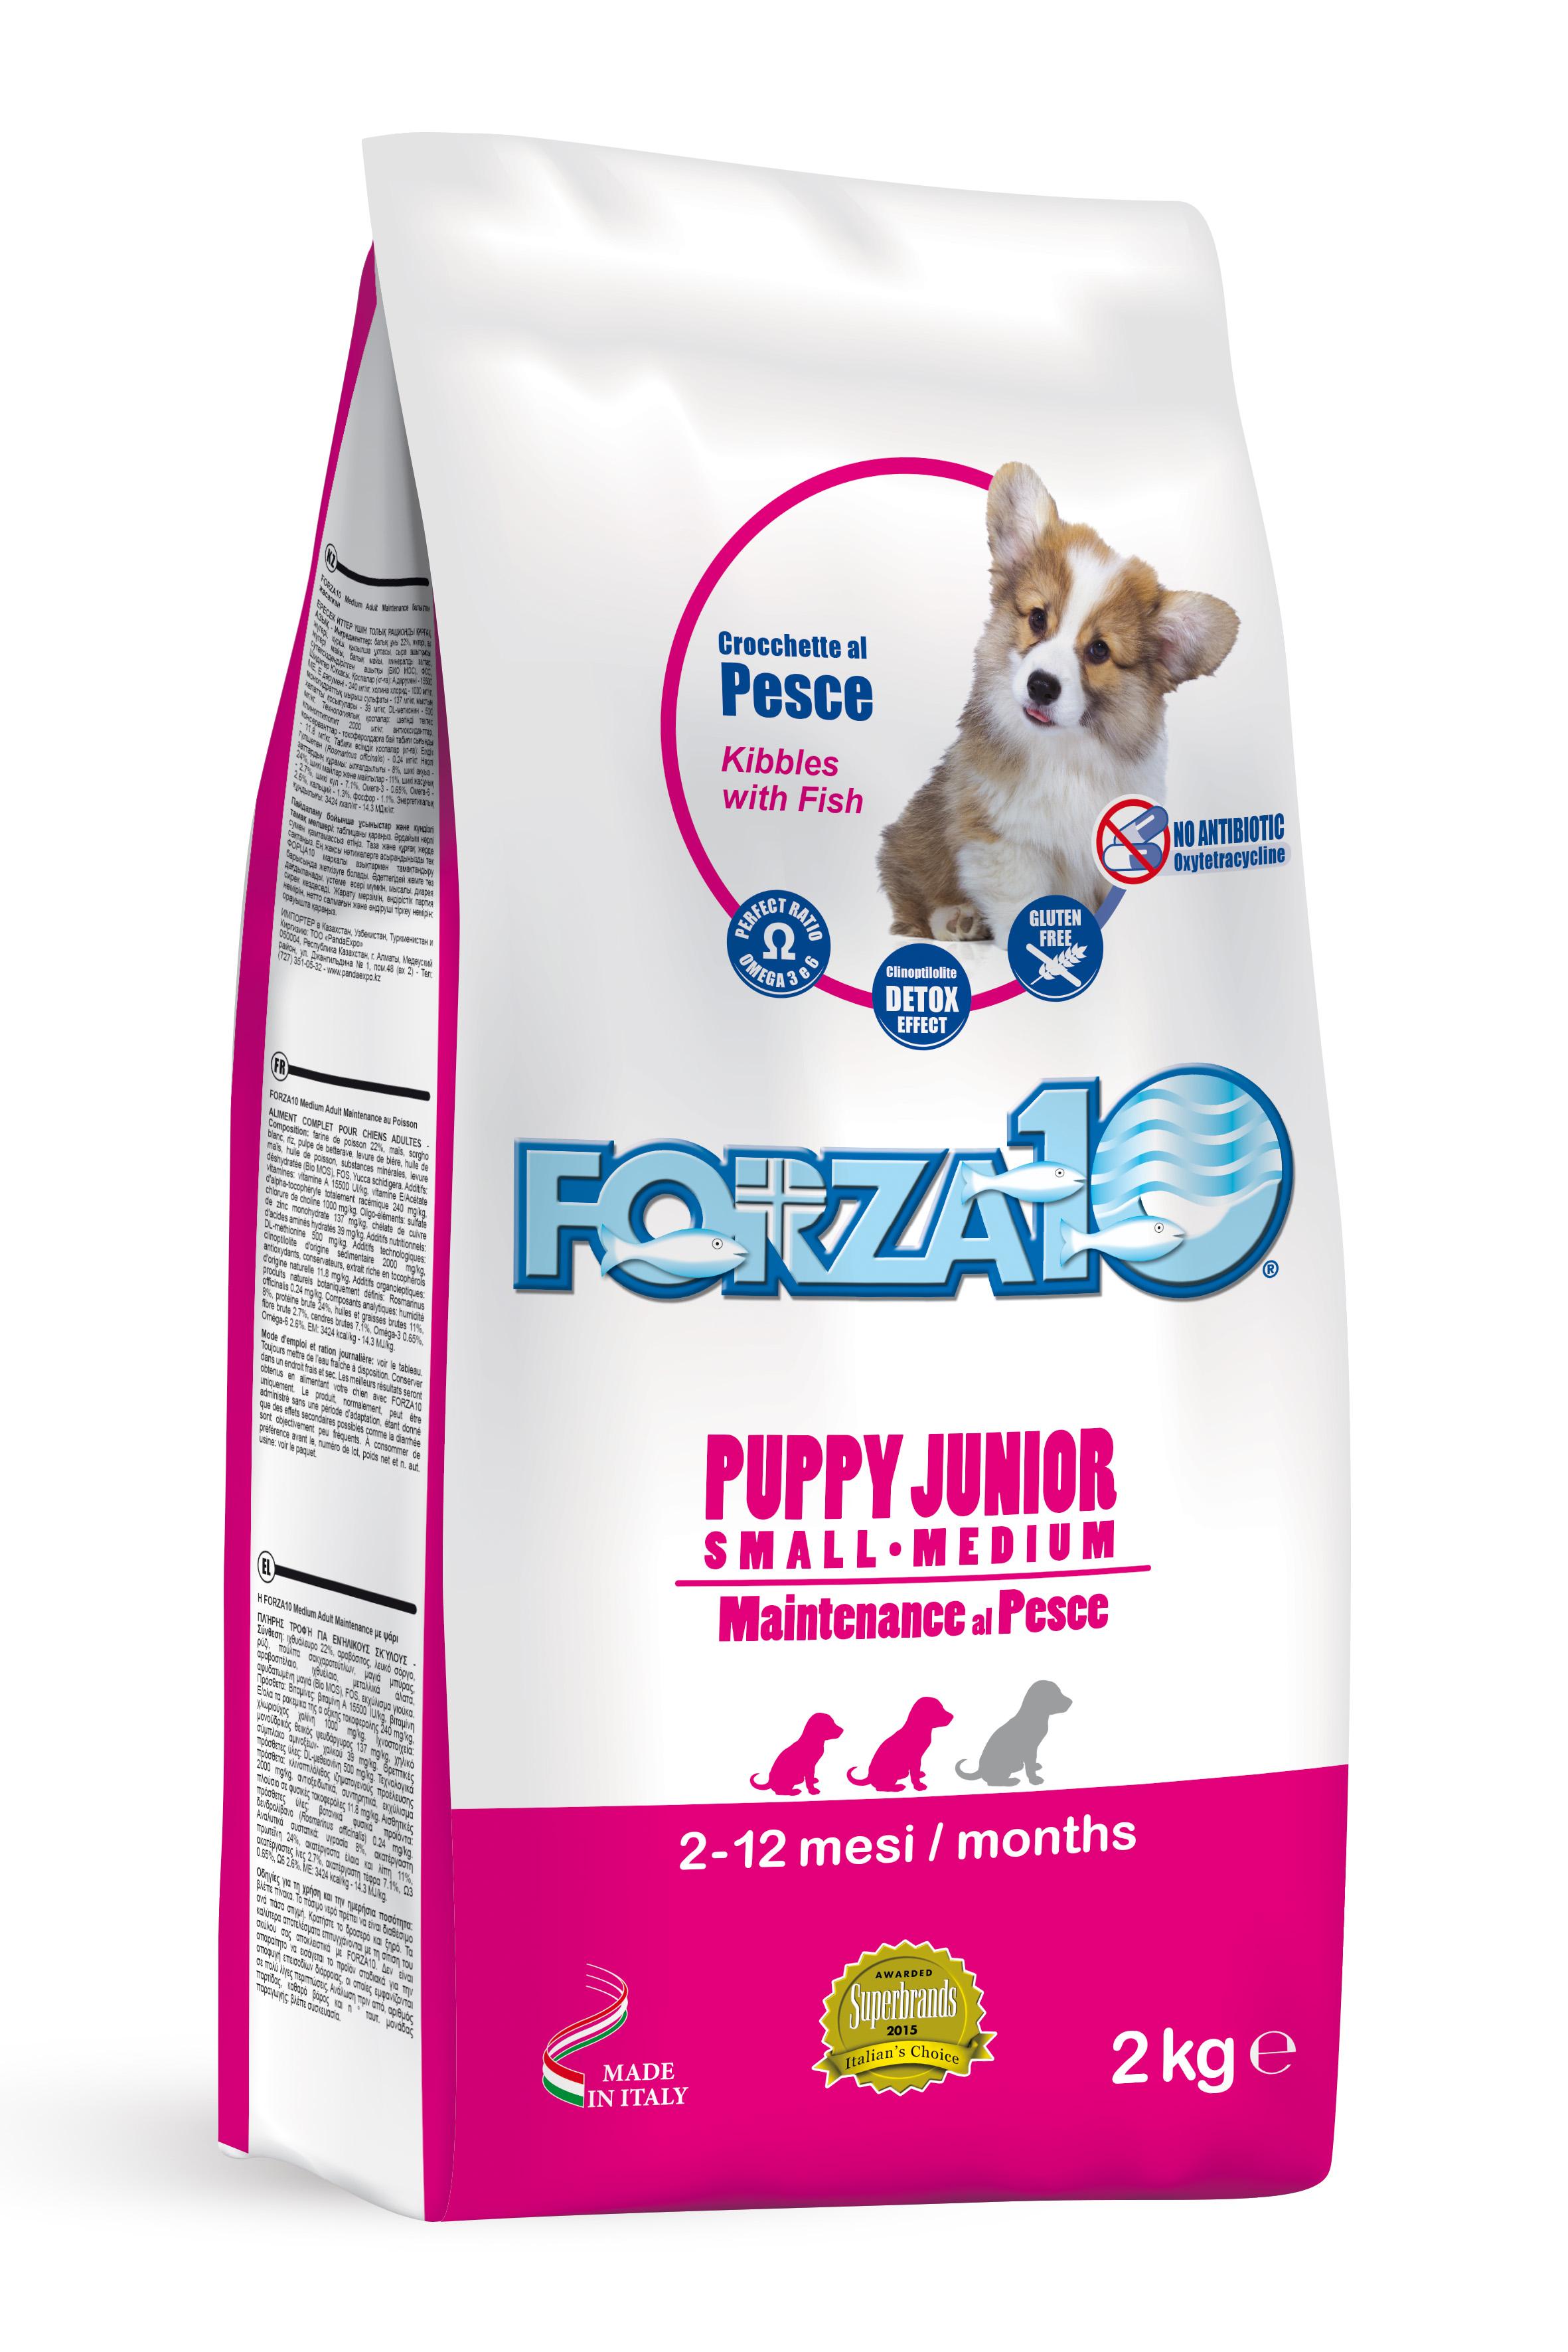 FORZA10 PUPPY JUNIOR PERRO 2kg